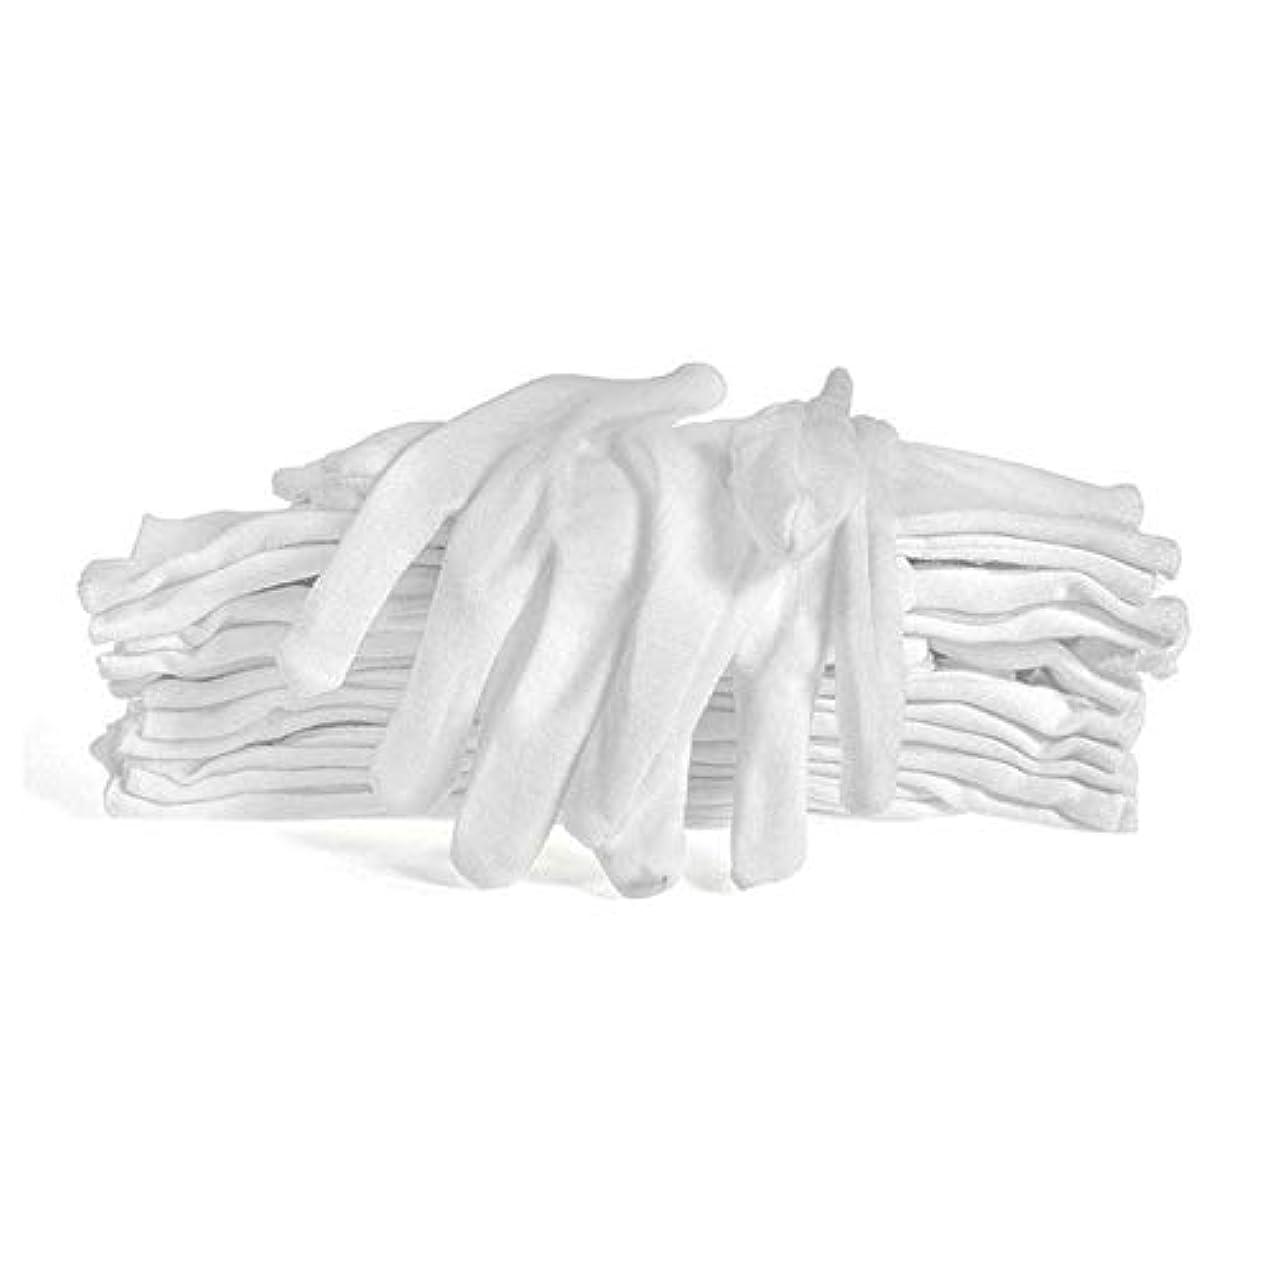 遮るクラッチ非難する12双組 コットン手袋 綿手袋 使い捨て 白手袋 薄手 お休み 湿疹手荒れ 純綿 礼装用 メンズ 手袋 乾燥肌 保湿 レディース白